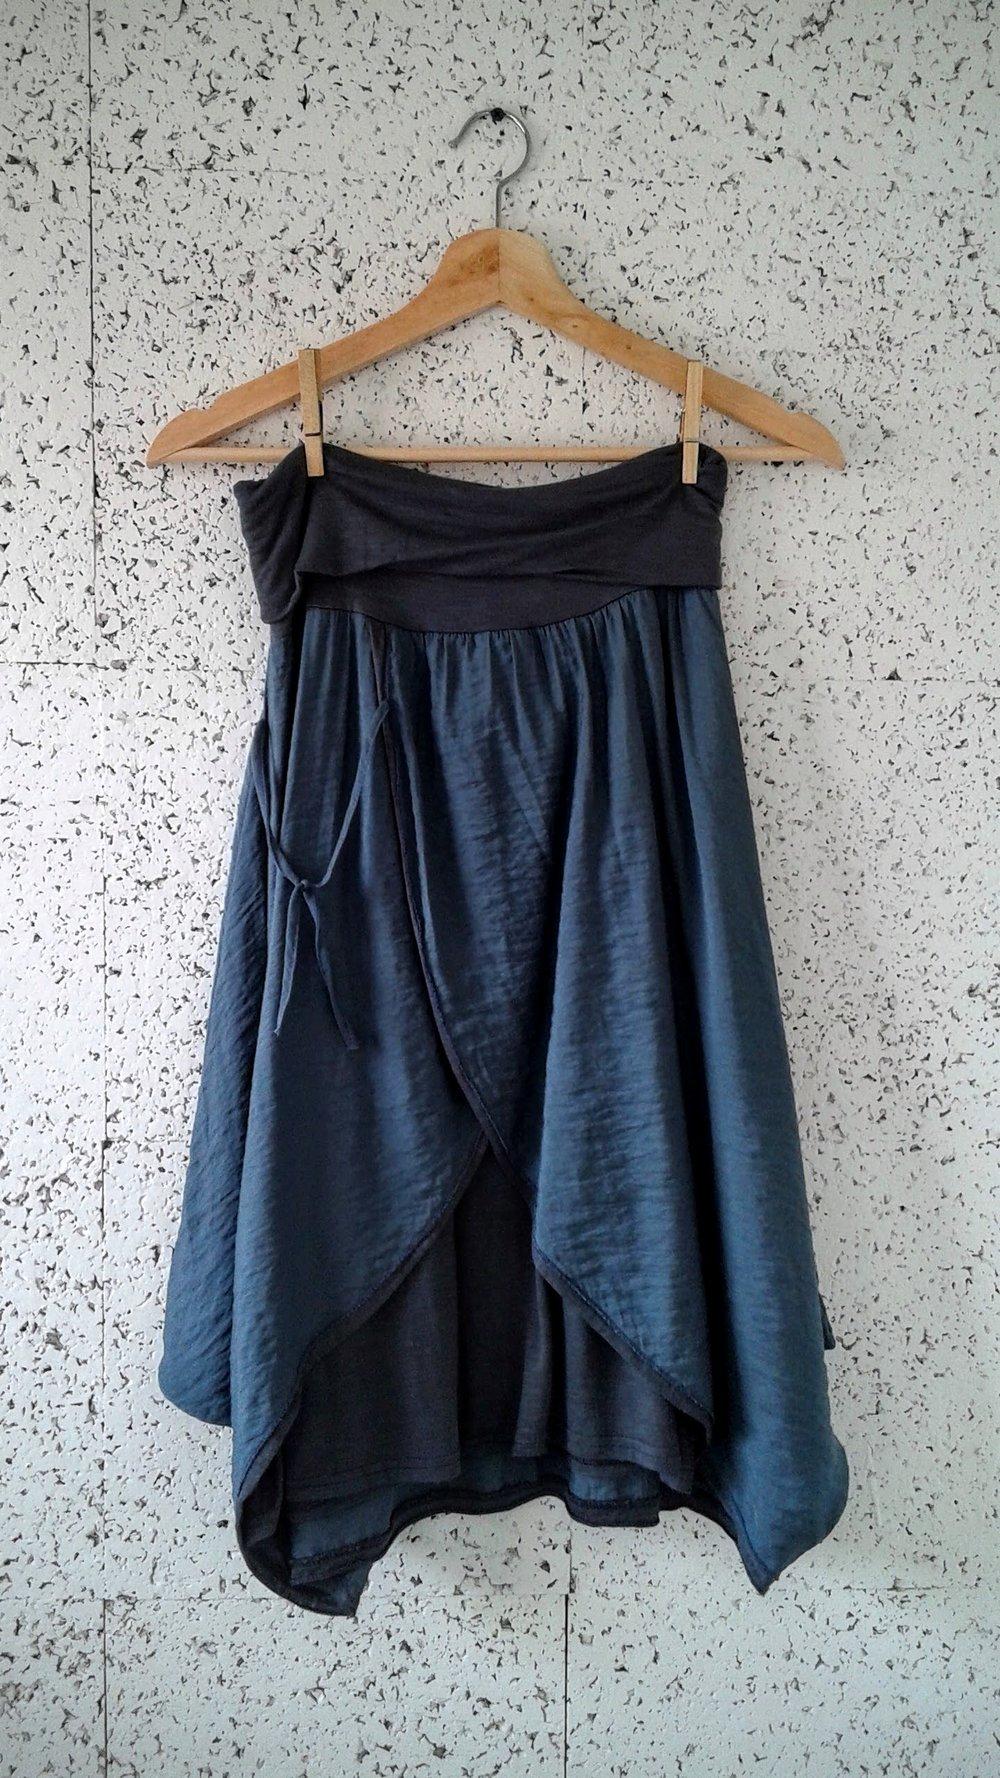 Mado et les Autres  skirt; Size M, $22